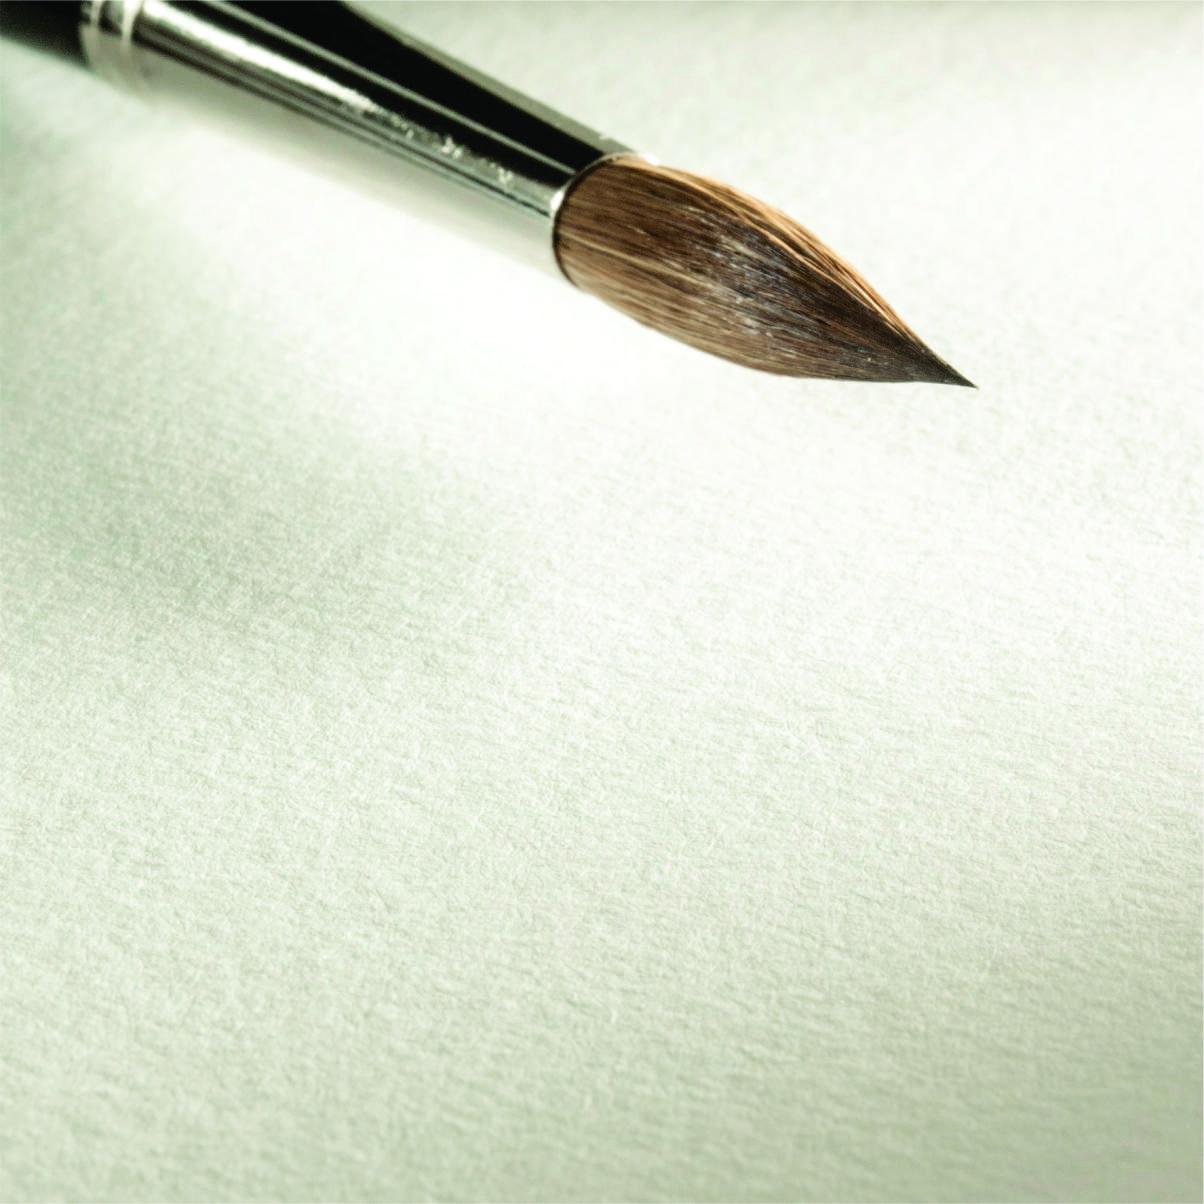 Bloco Aquarela Hahnemuhle 300 g/m² textura fina 30 x 40 cm com 10 fls. Hahnemuhle